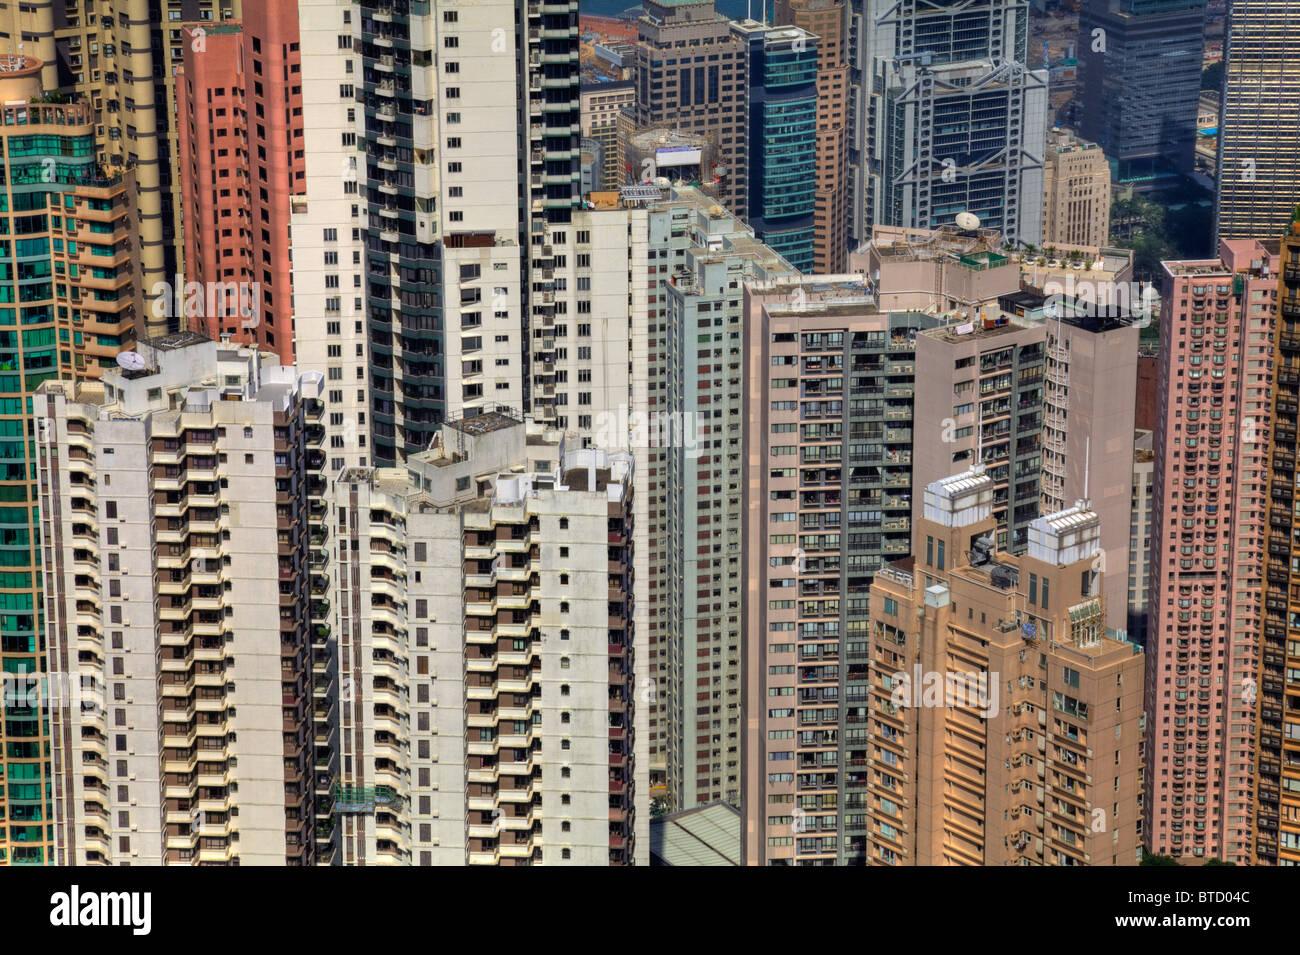 The tight living space Hong Kong, China, Hong Kong living, hong kong apartment blocks, hong kong homes, apartment - Stock Image